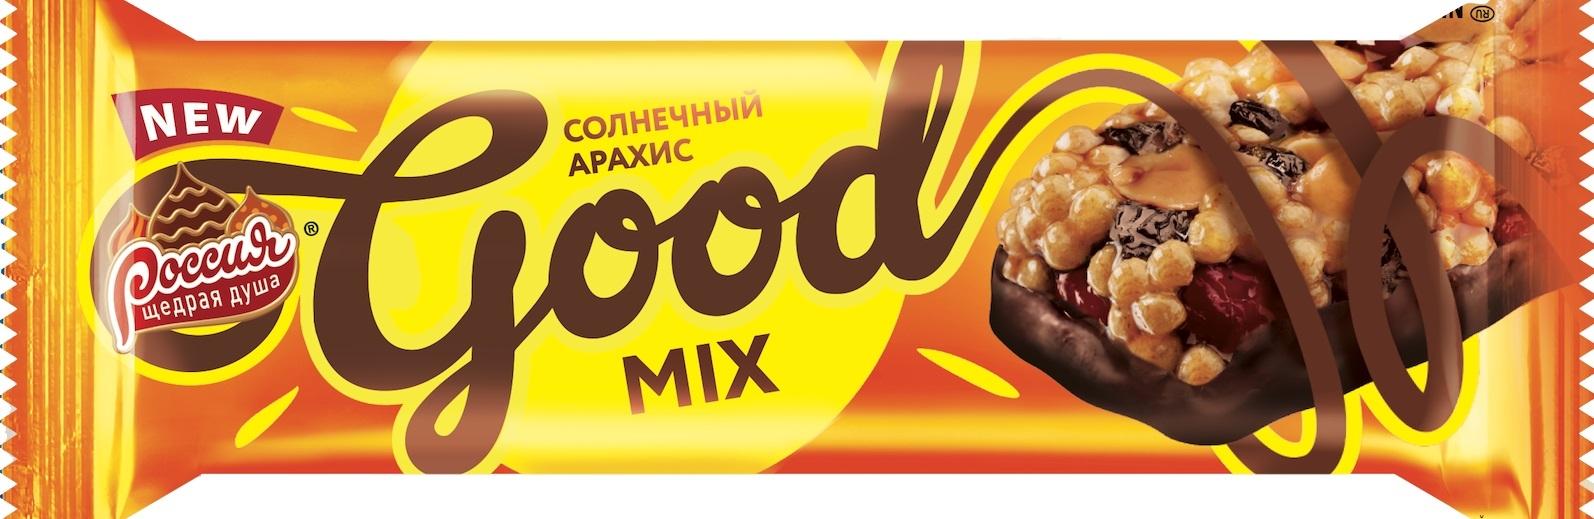 Батончик Россия Щедрая душа «Good Mix» с арахисом 33 г спартак spinner батончик с мягкой карамелью и арахисом 50 г